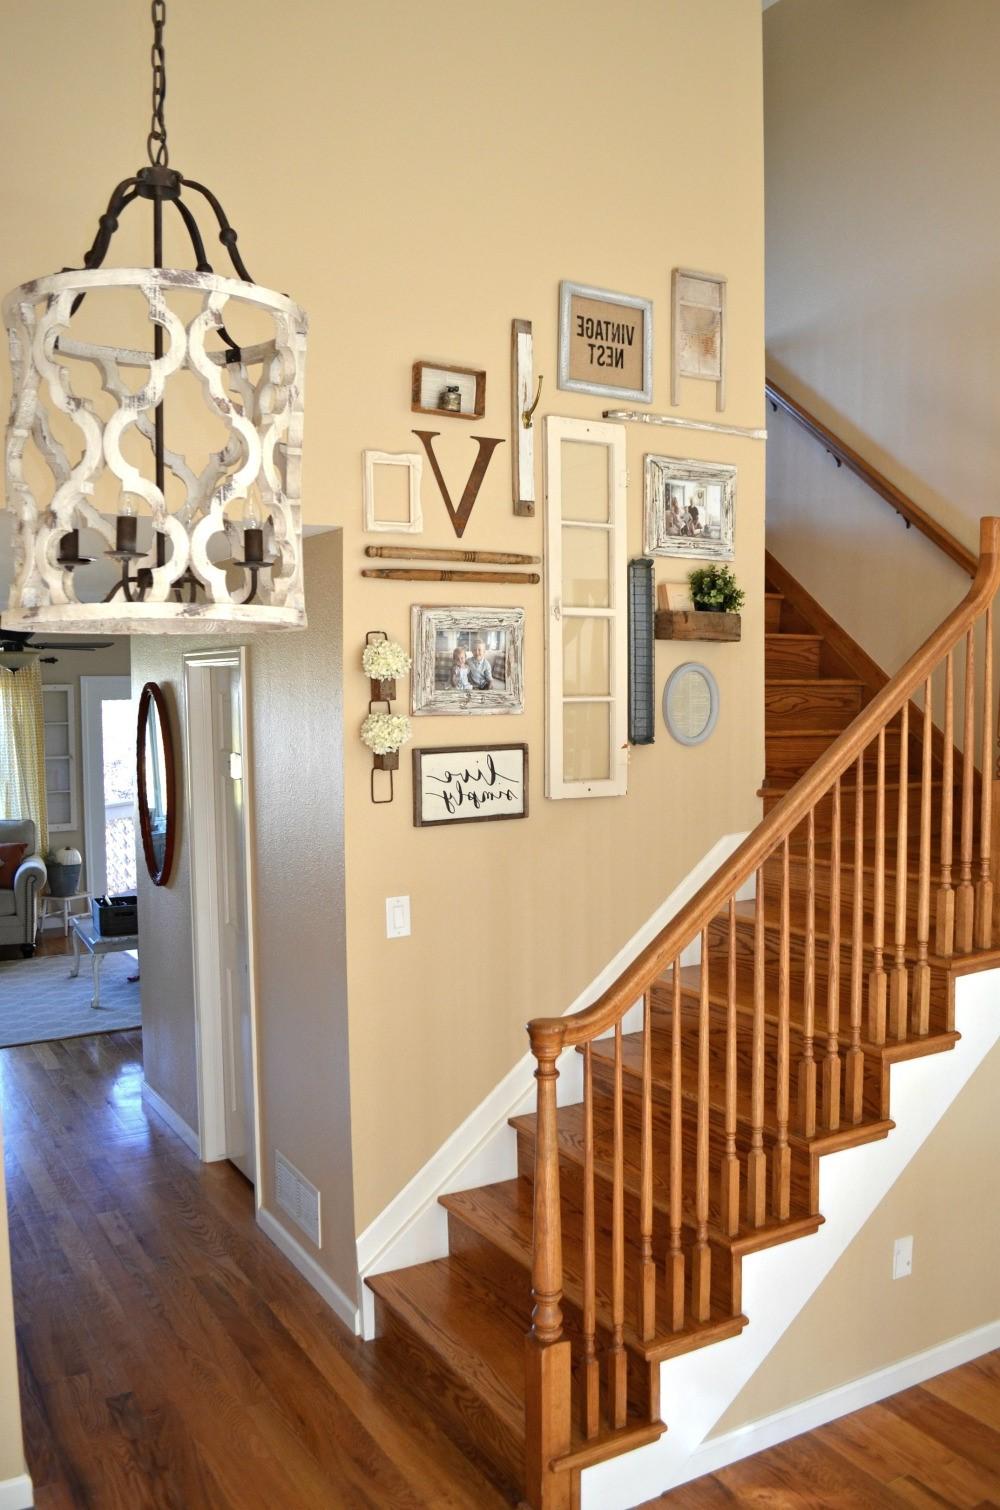 Faites une galerie murale à côté des escaliers.